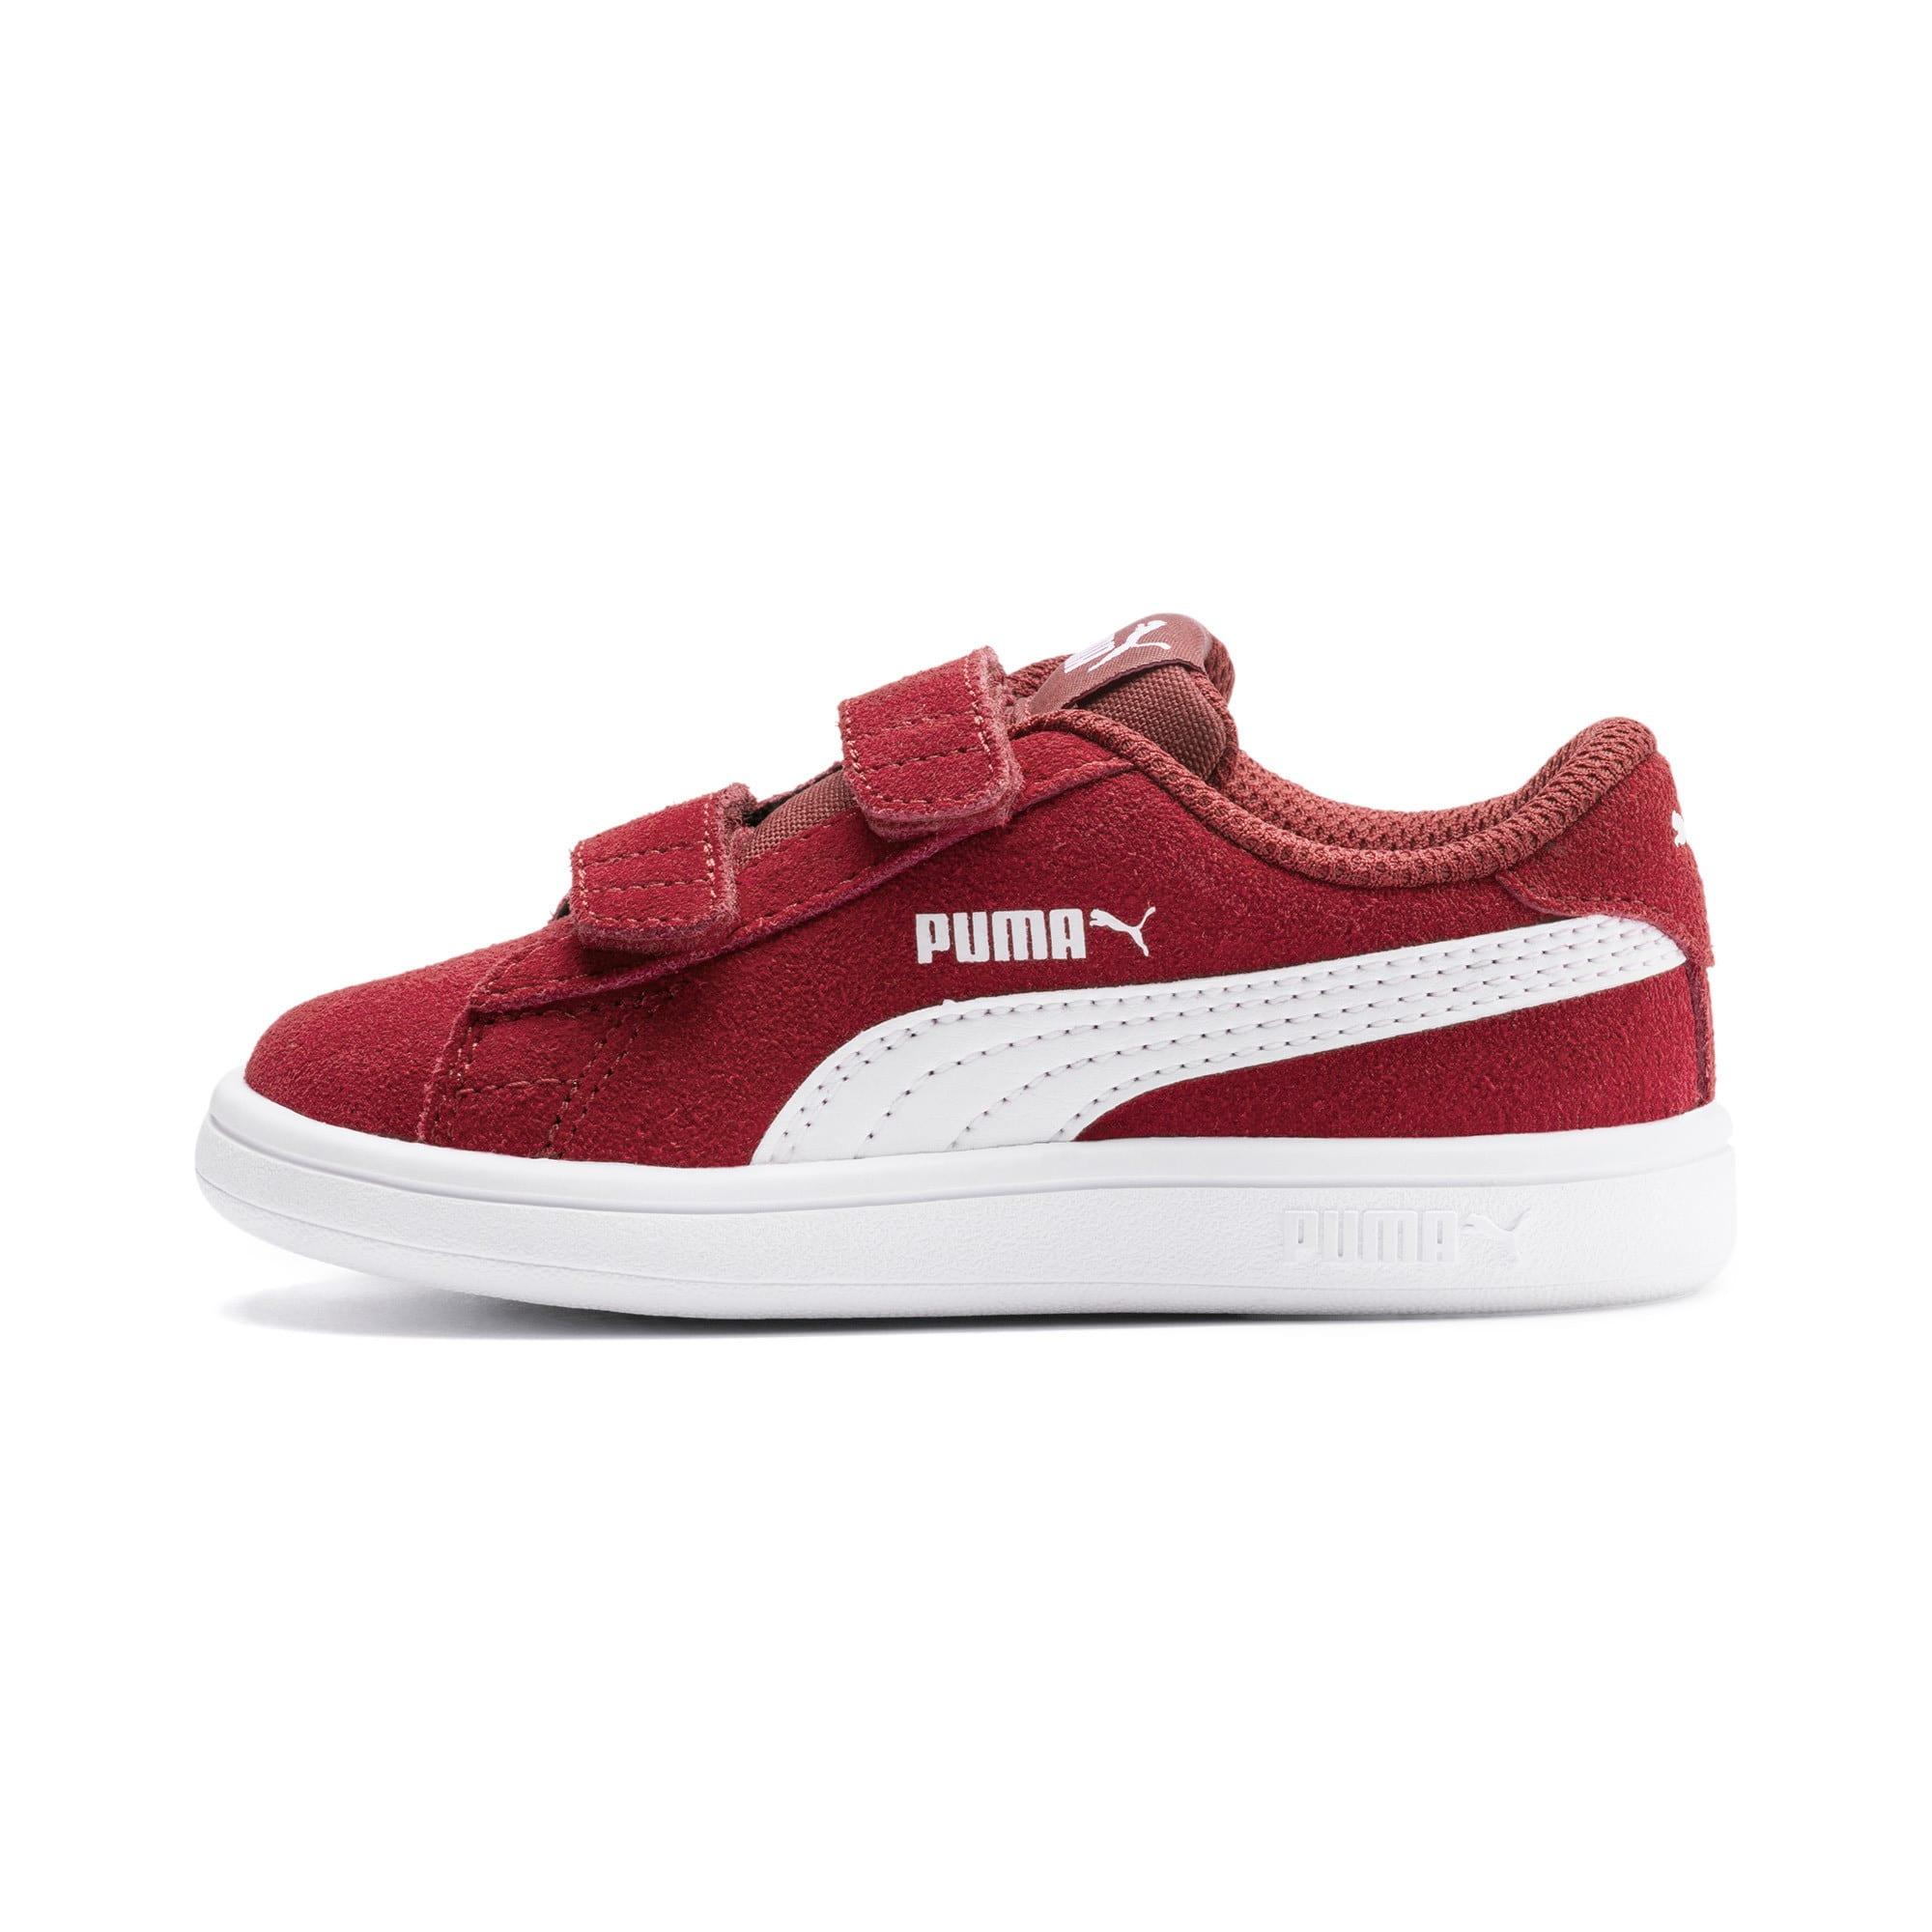 Thumbnail 1 of PUMA Smash v2 Suede Toddler Shoes, Rhubarb-Puma White, medium